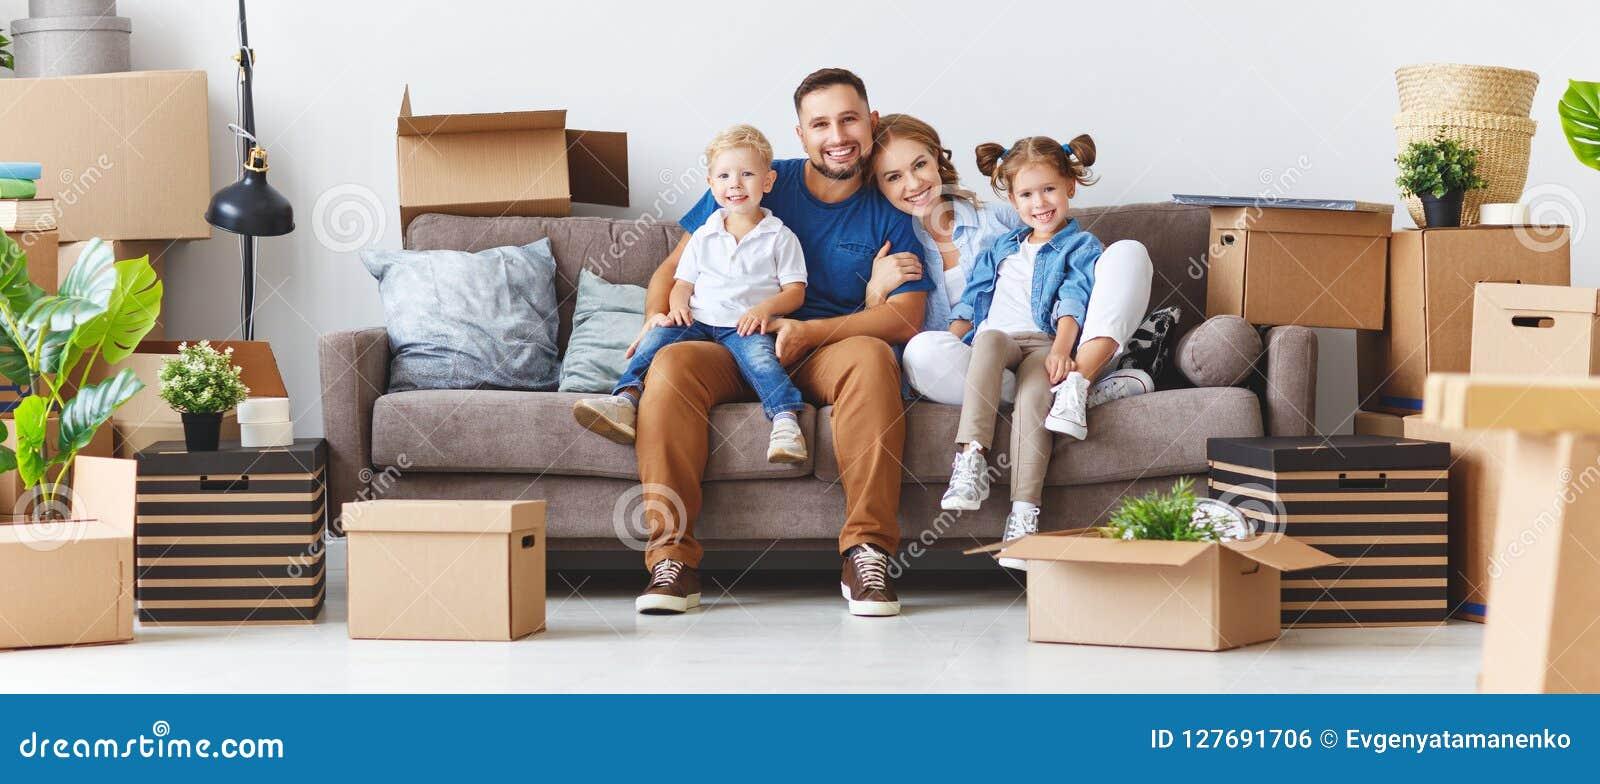 Den lyckliga familjmoderfadern och barn flyttar sig till den nya lägenheten